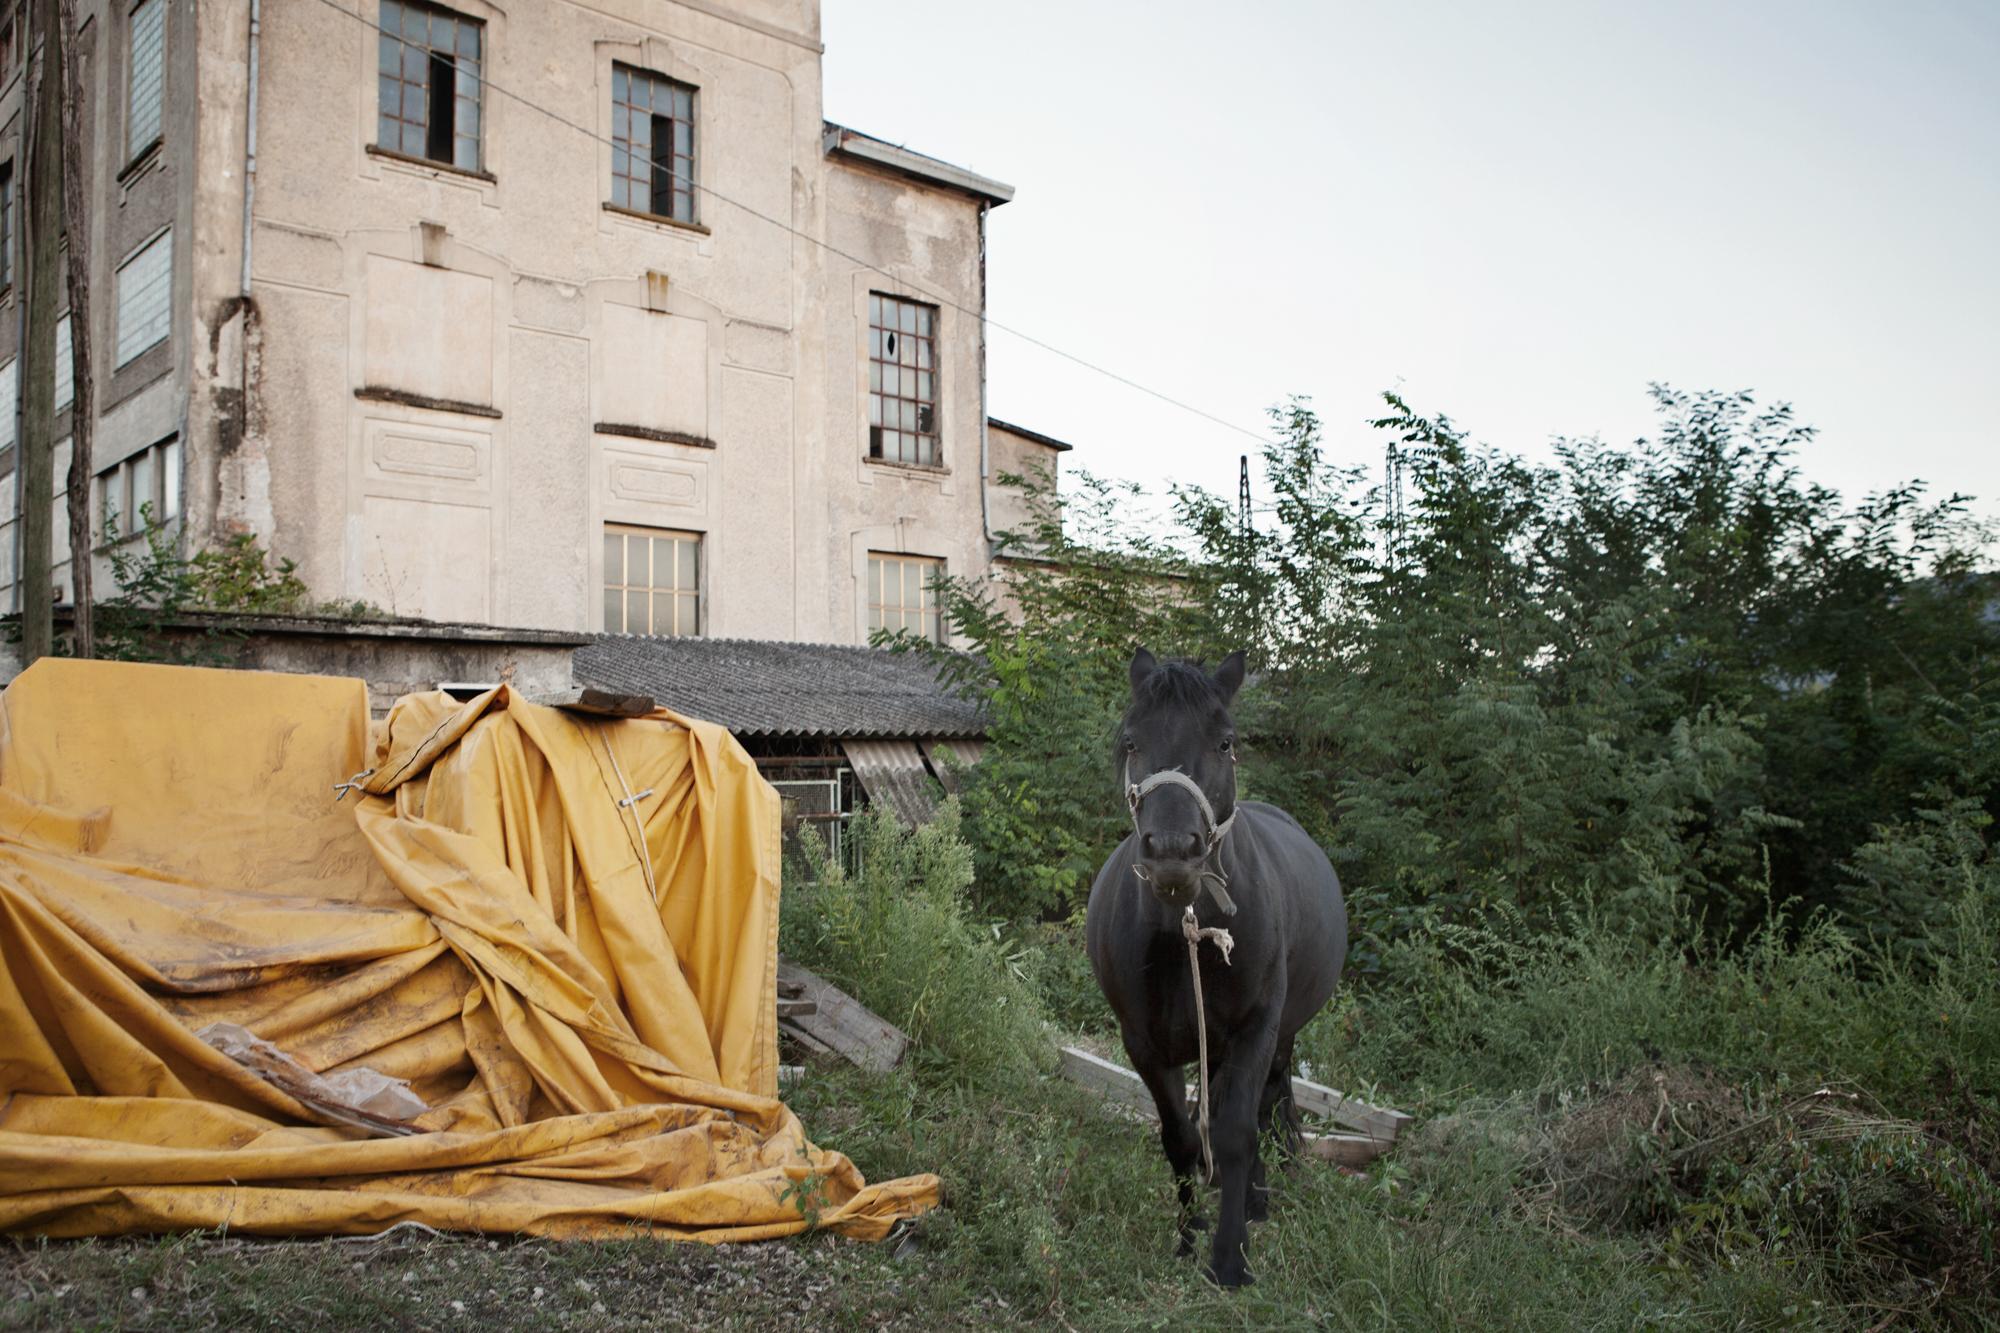 La cultura contadina tipica della zona condivide i pochi spazi verdi con manufatti industriali in disuso.Colleferro, novembre 2013